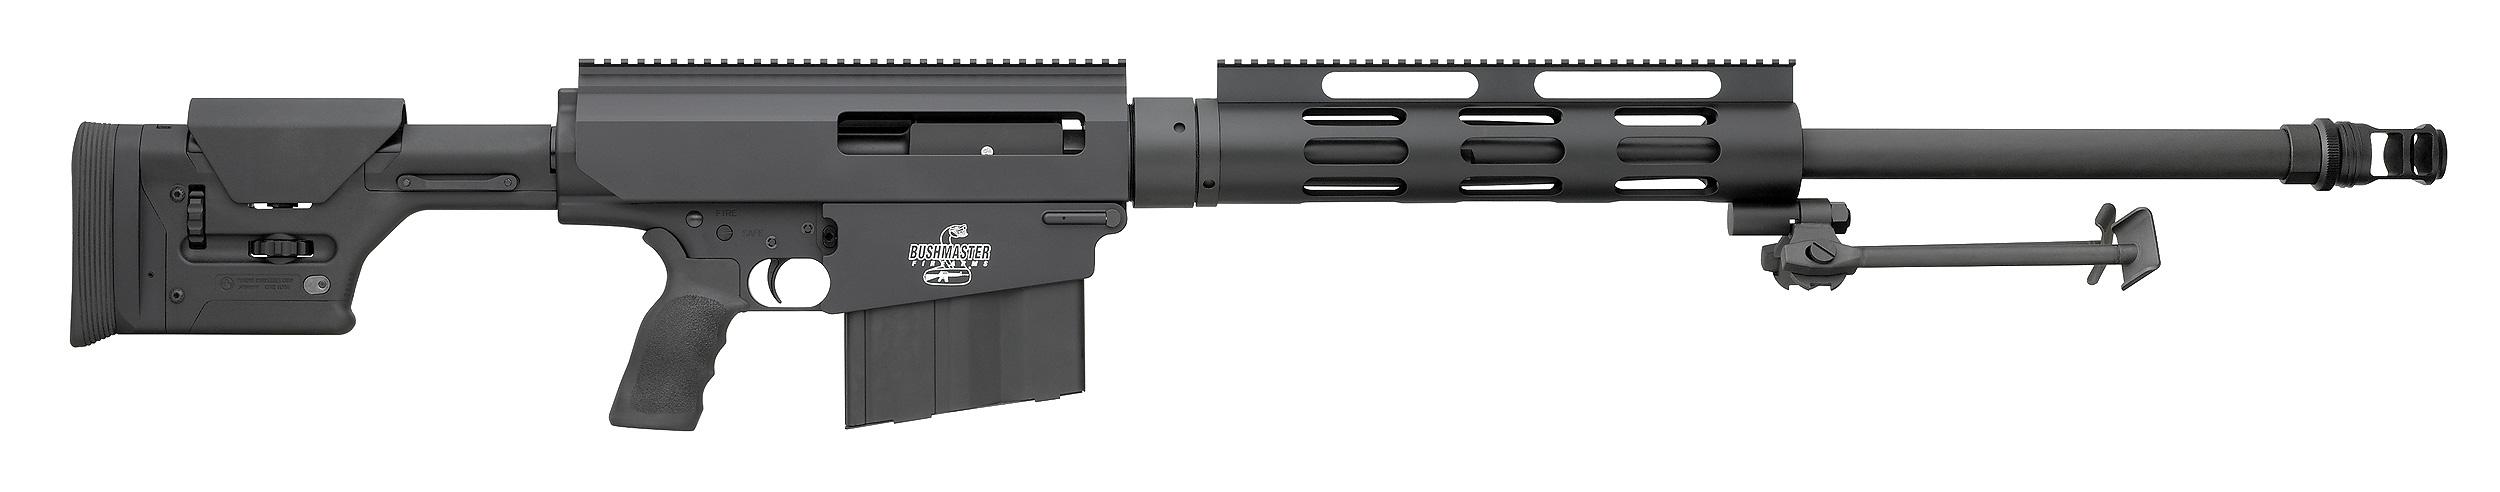 Снайперская винтовка Bushmaster BA50